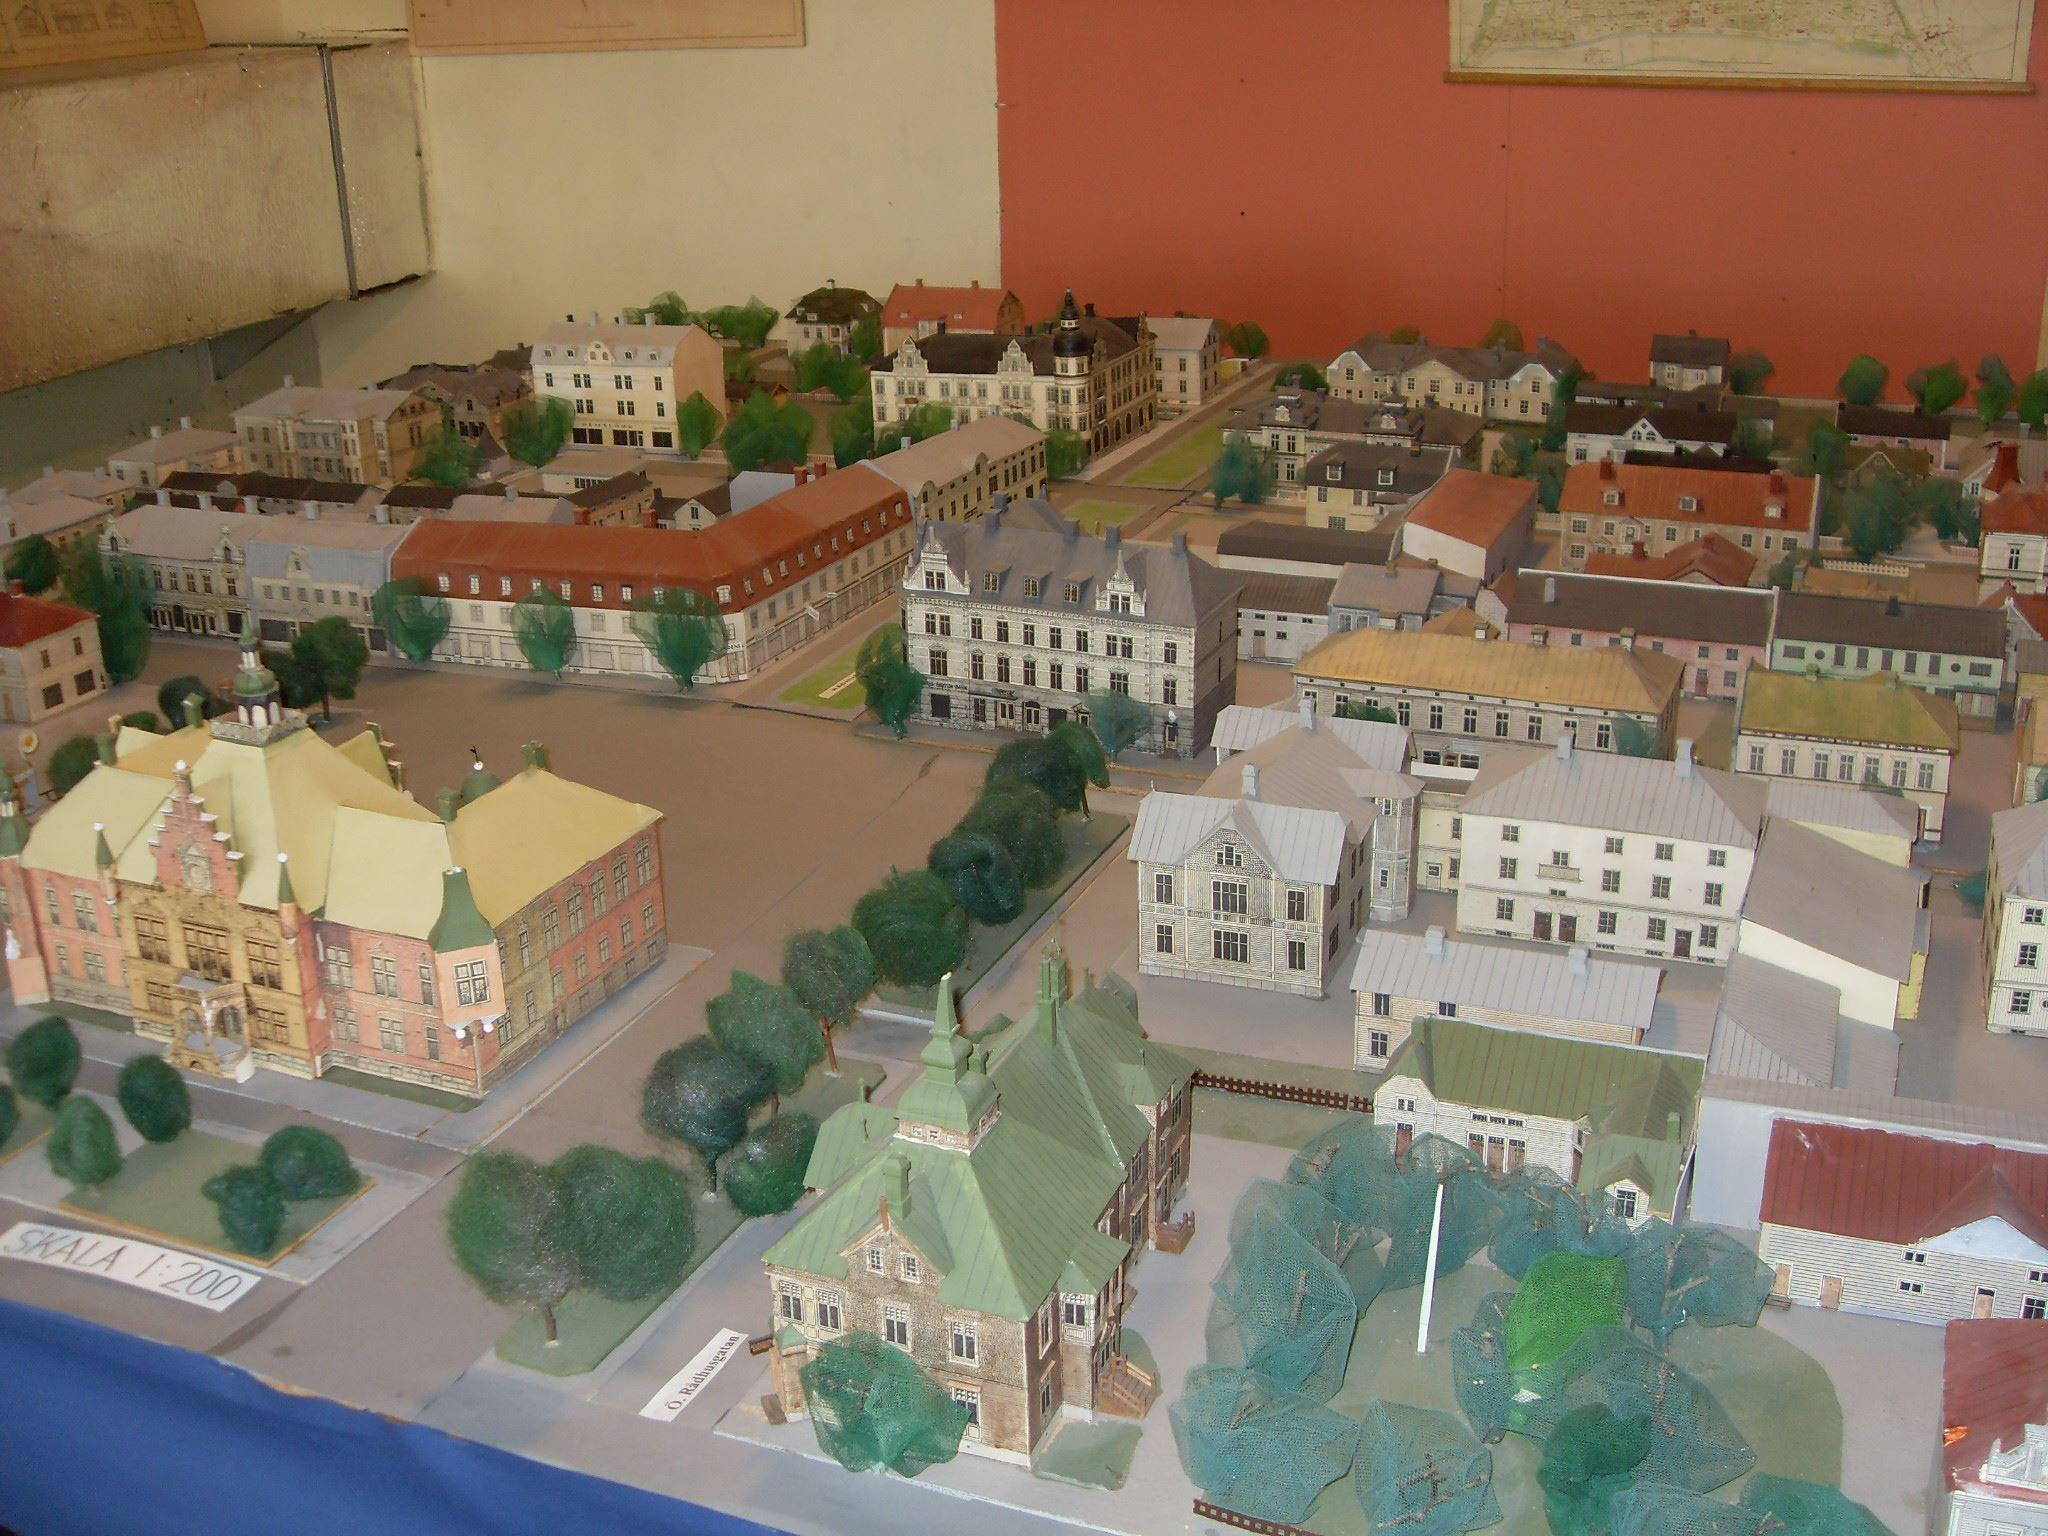 Visning av Umeå-modeller i miniatyr - Folke Hübinette